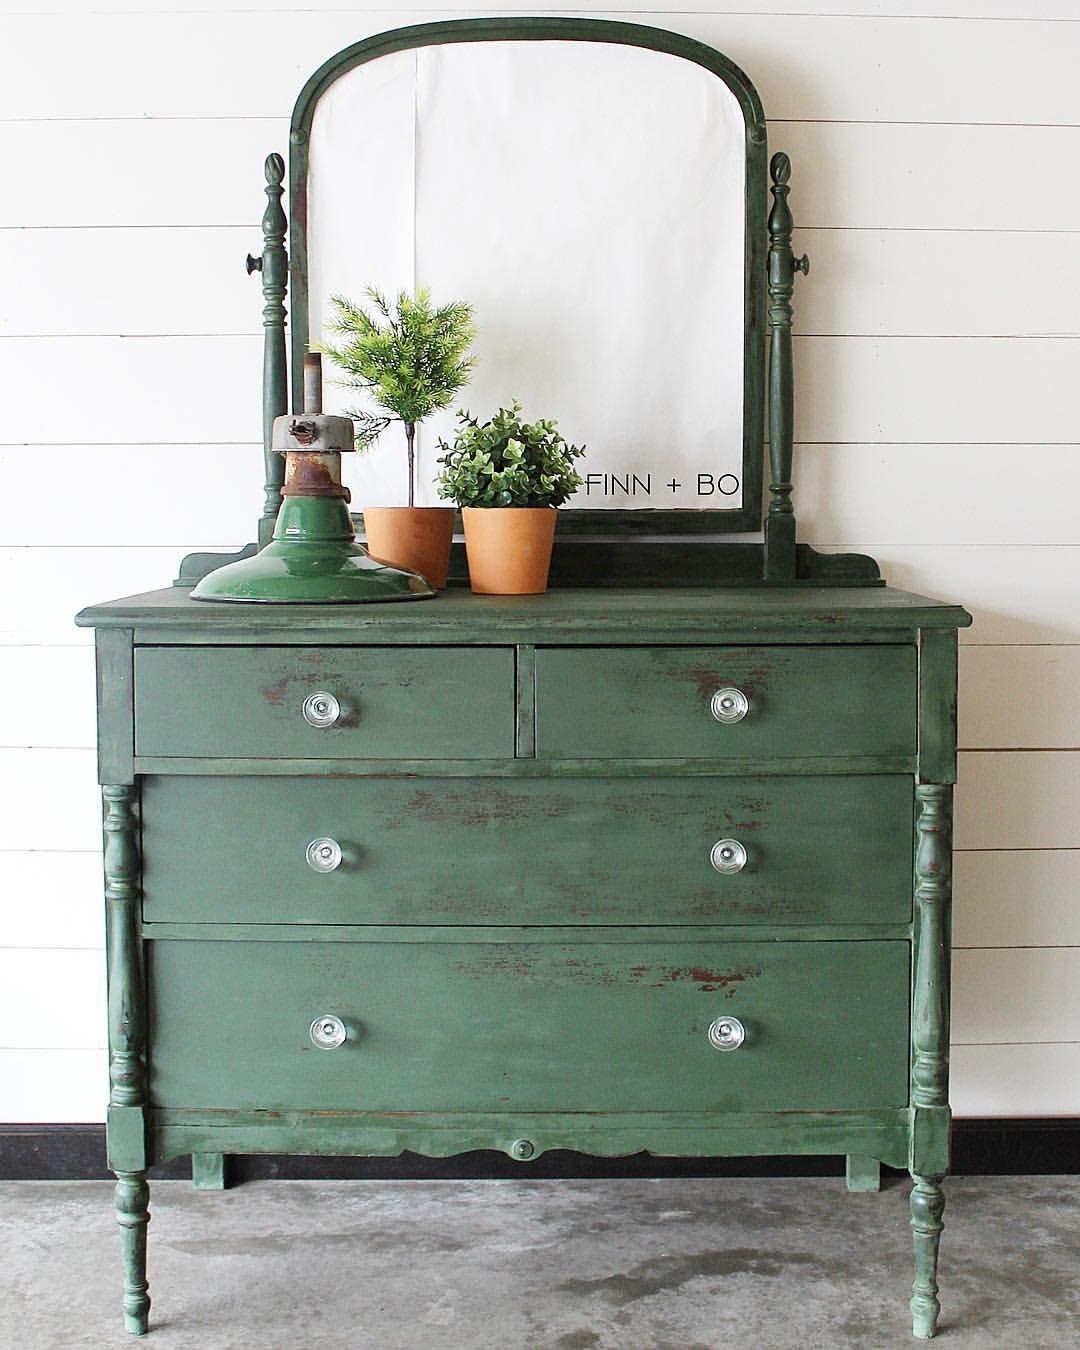 Finn And Bo Old Barn Milk Paint In Moss Green Dresser